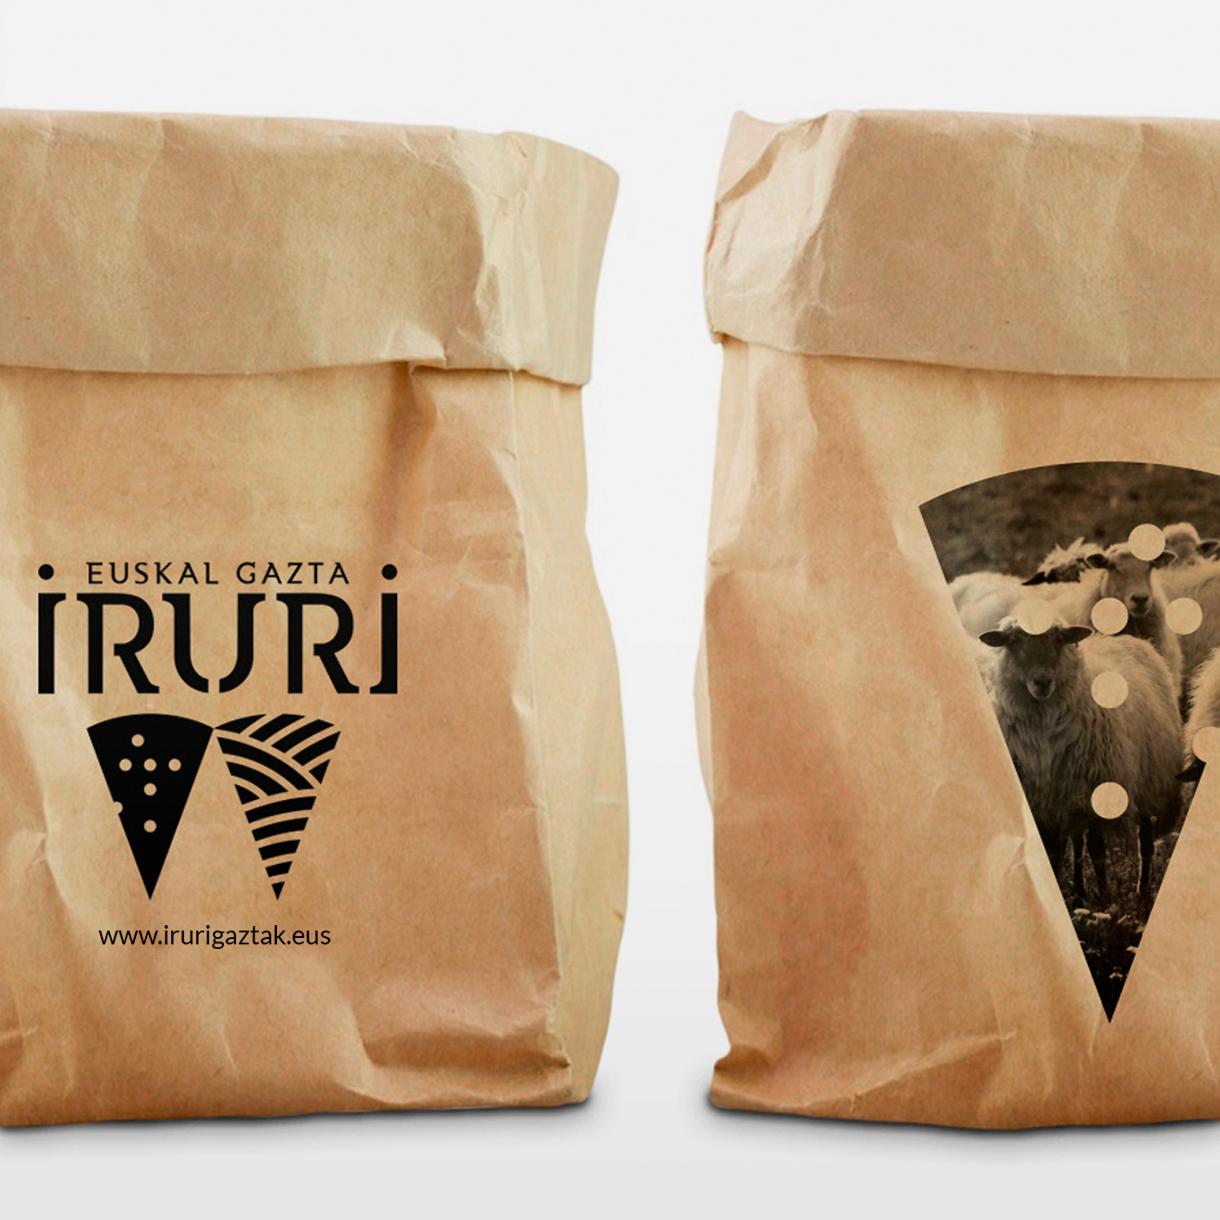 Iruri, packaging